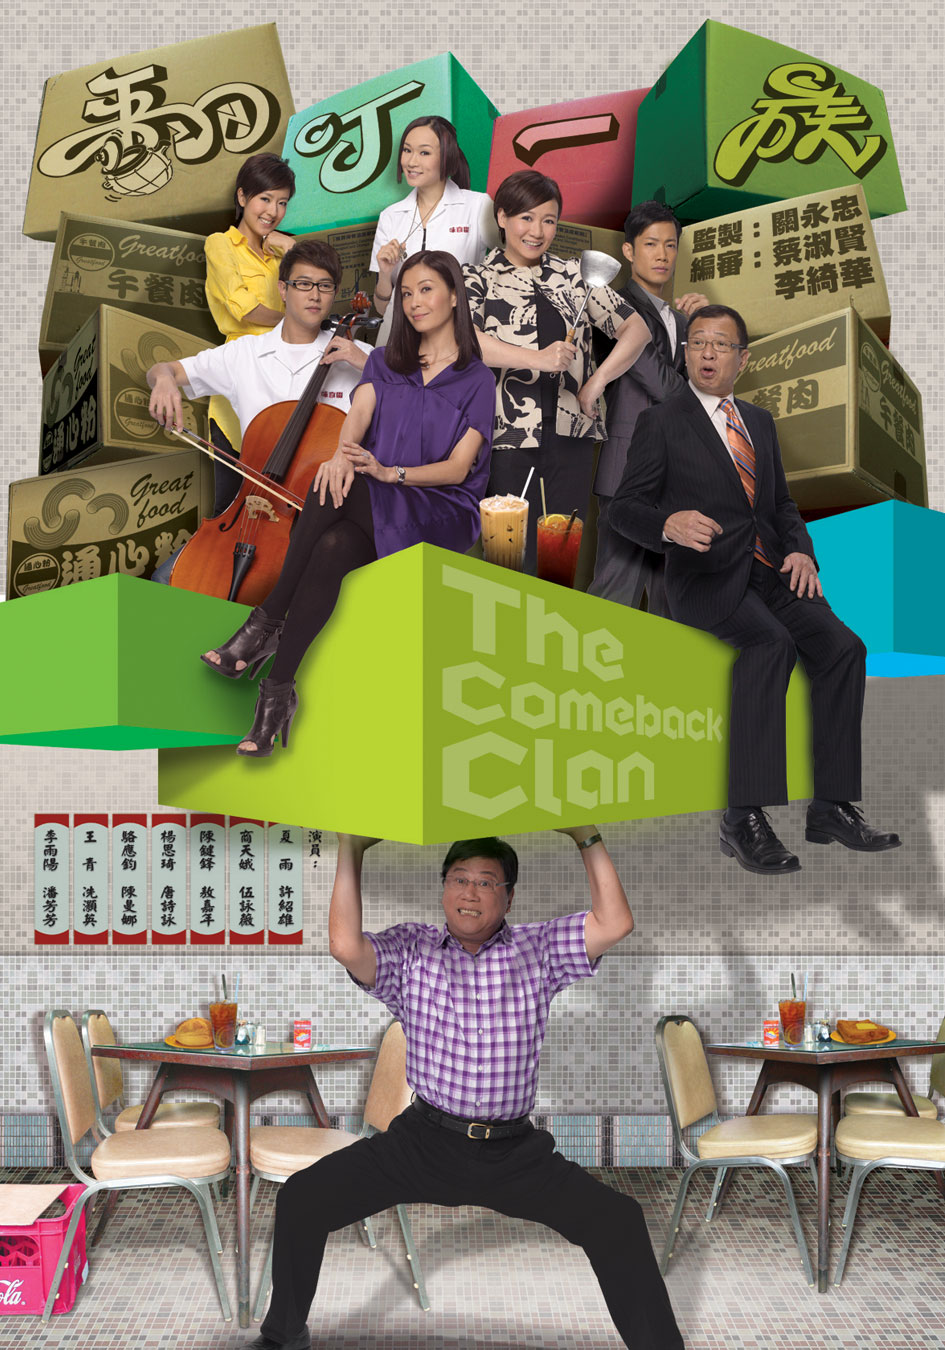 The Comeback Clan-The Comeback Clan